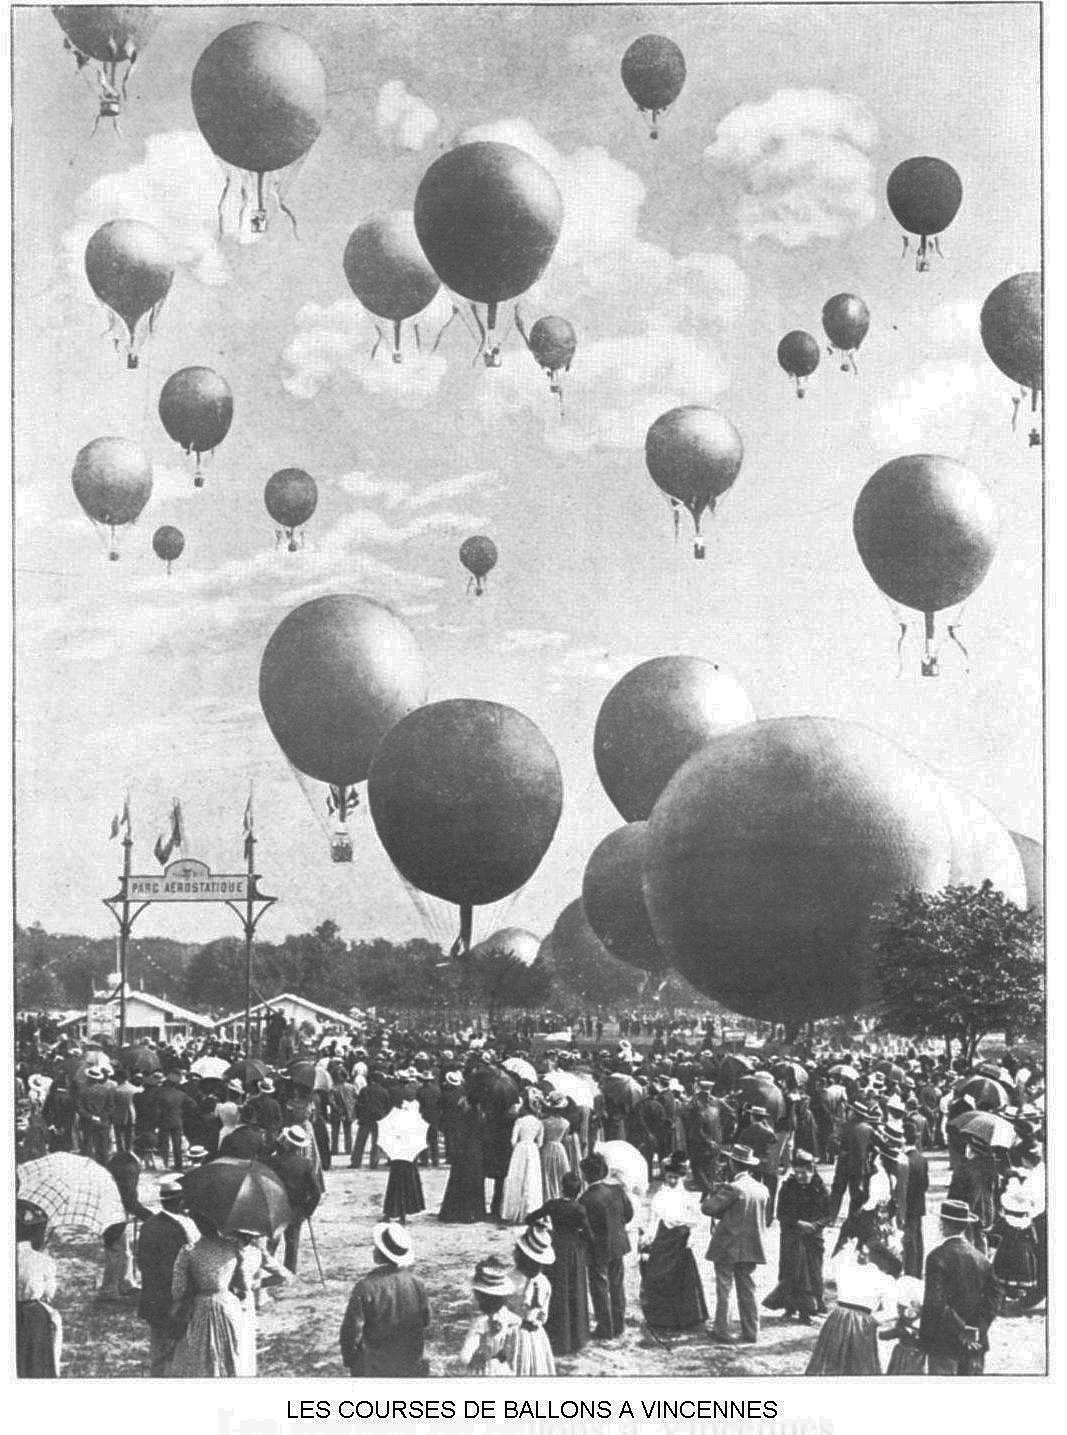 Ressources histoire exposition universelle 1900 course de ballons a vincennes